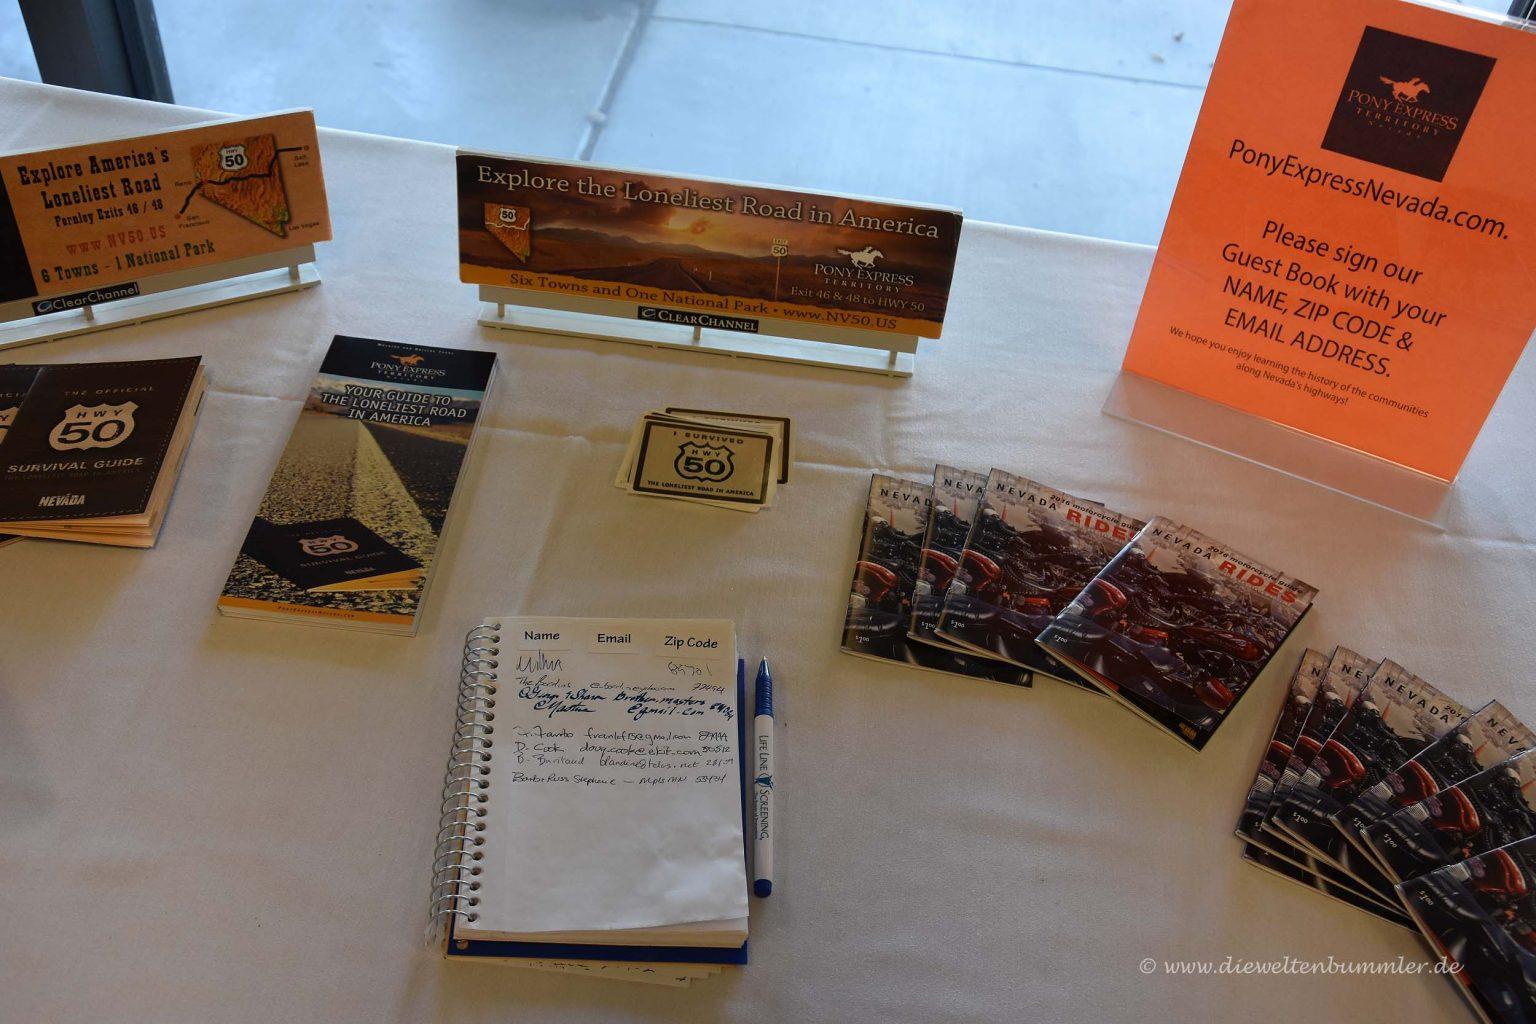 Gästebuch in der Tourismusinformation